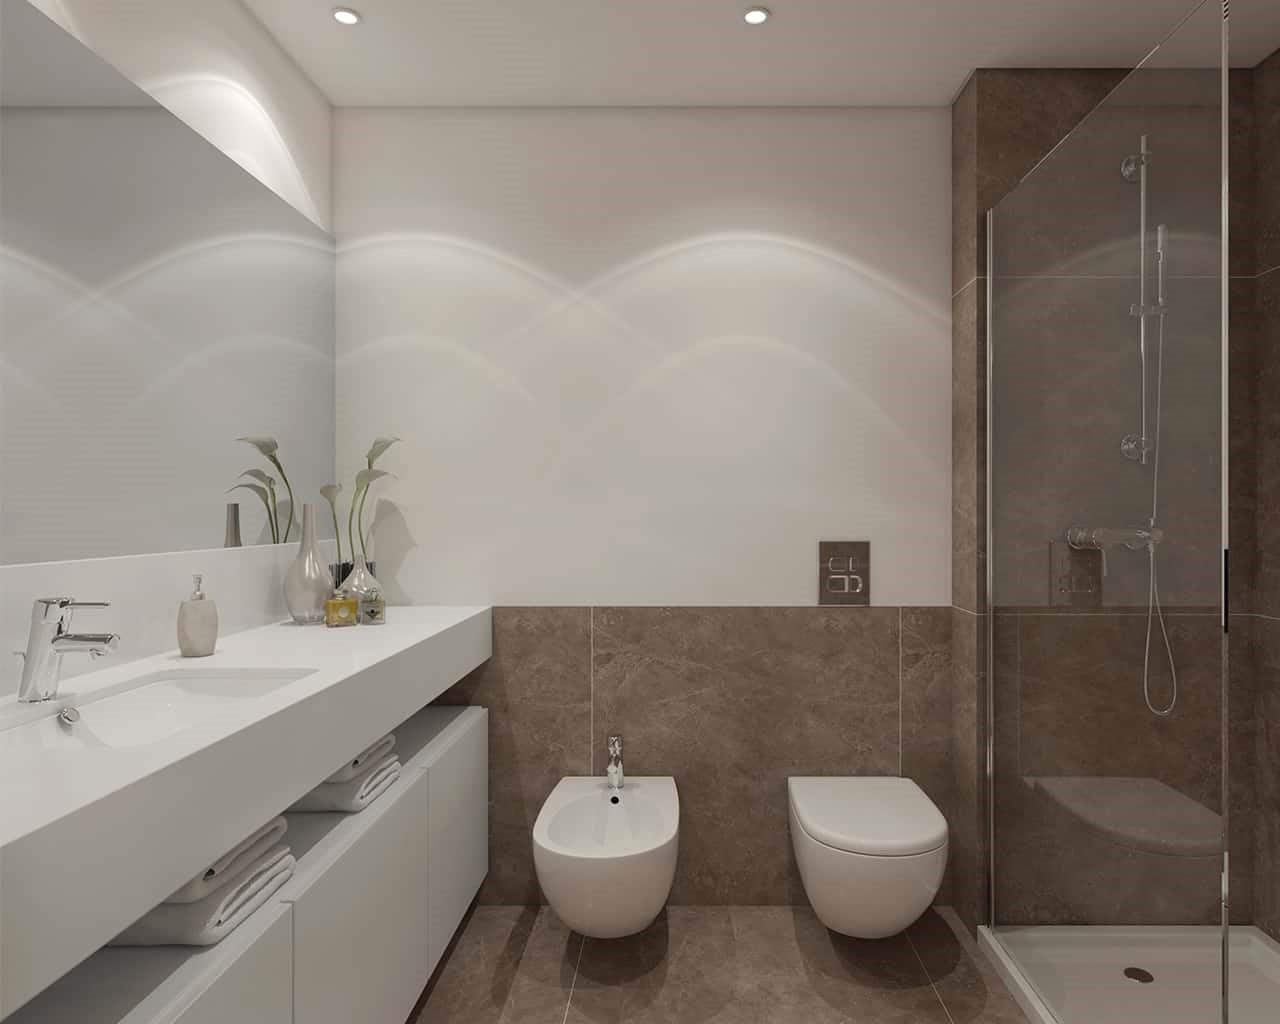 areeiro-prime-casa de banho-opção urban-trend-duche